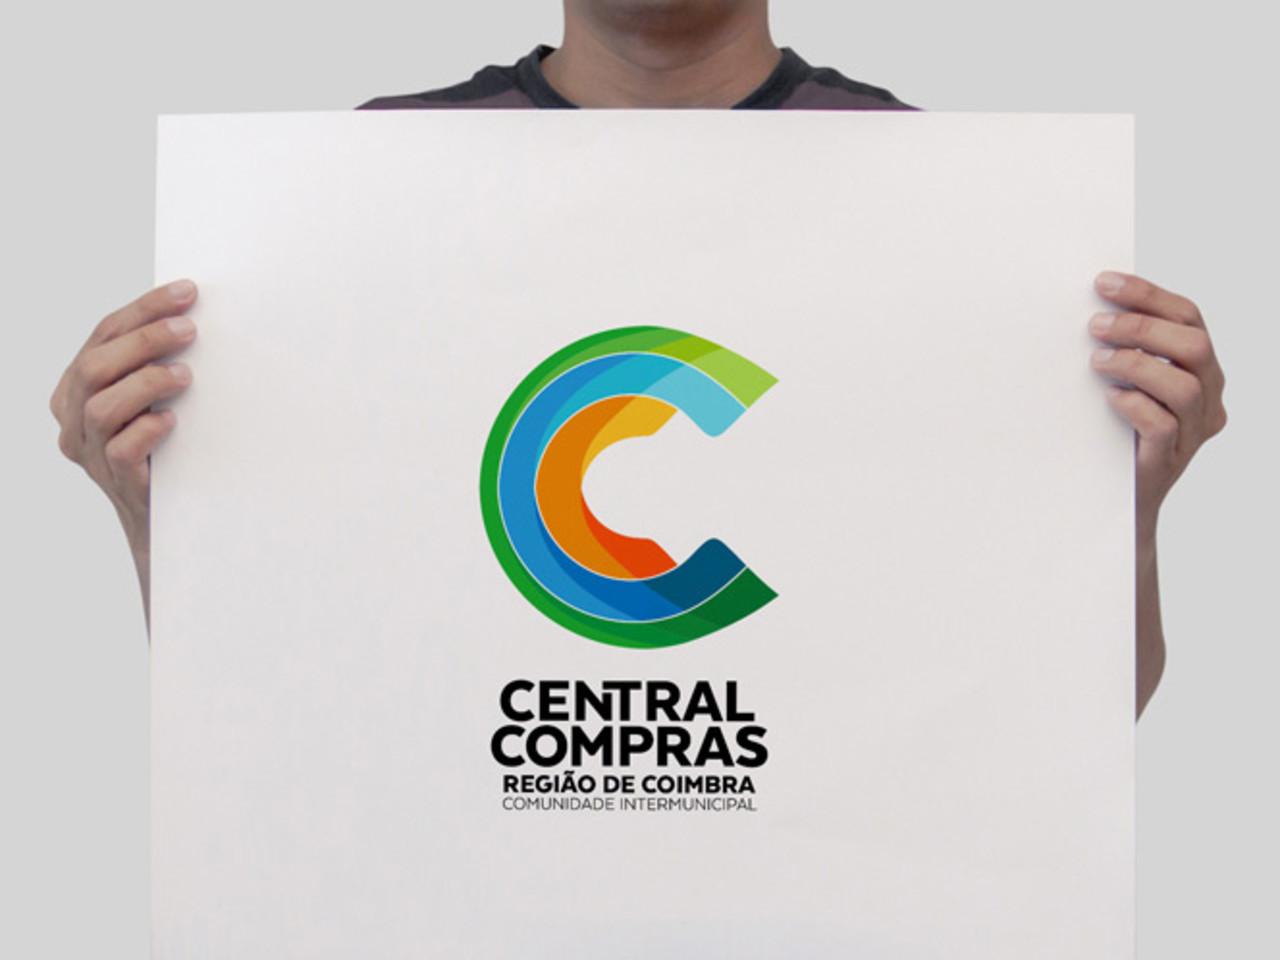 Central de Compras da Região já poupou 4,4 milhões de euros aos Municípios e Entidades que a integram